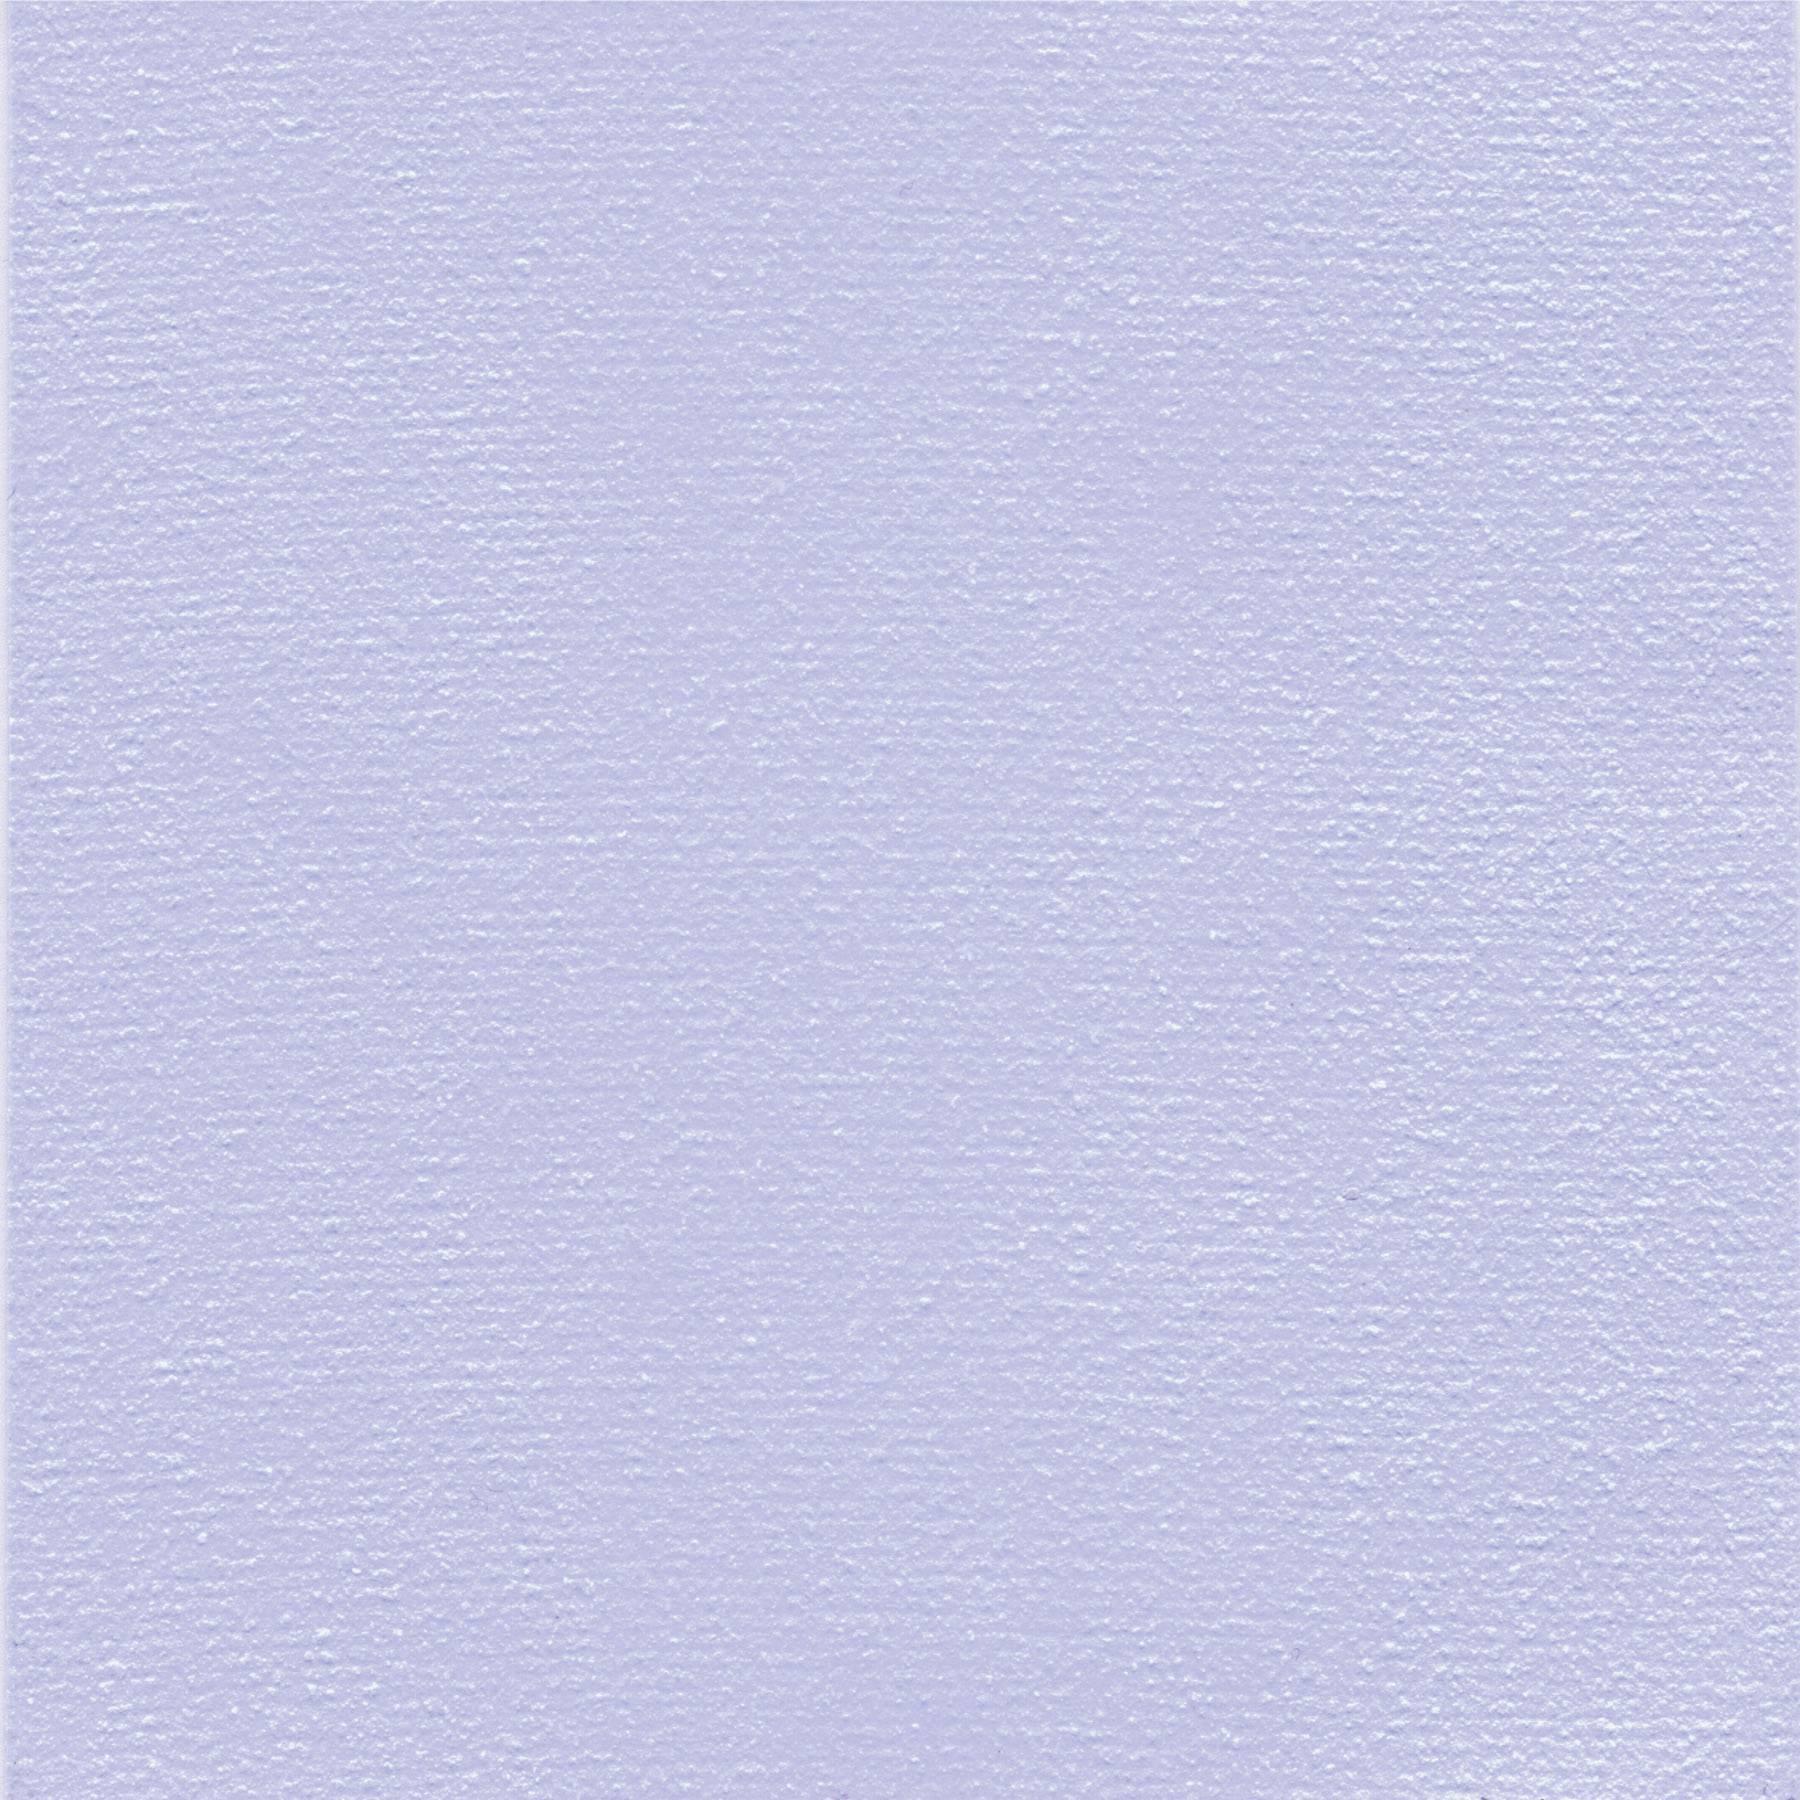 Teplovodivá fólie SoftthermR 86/300 120x200x0,5 mm